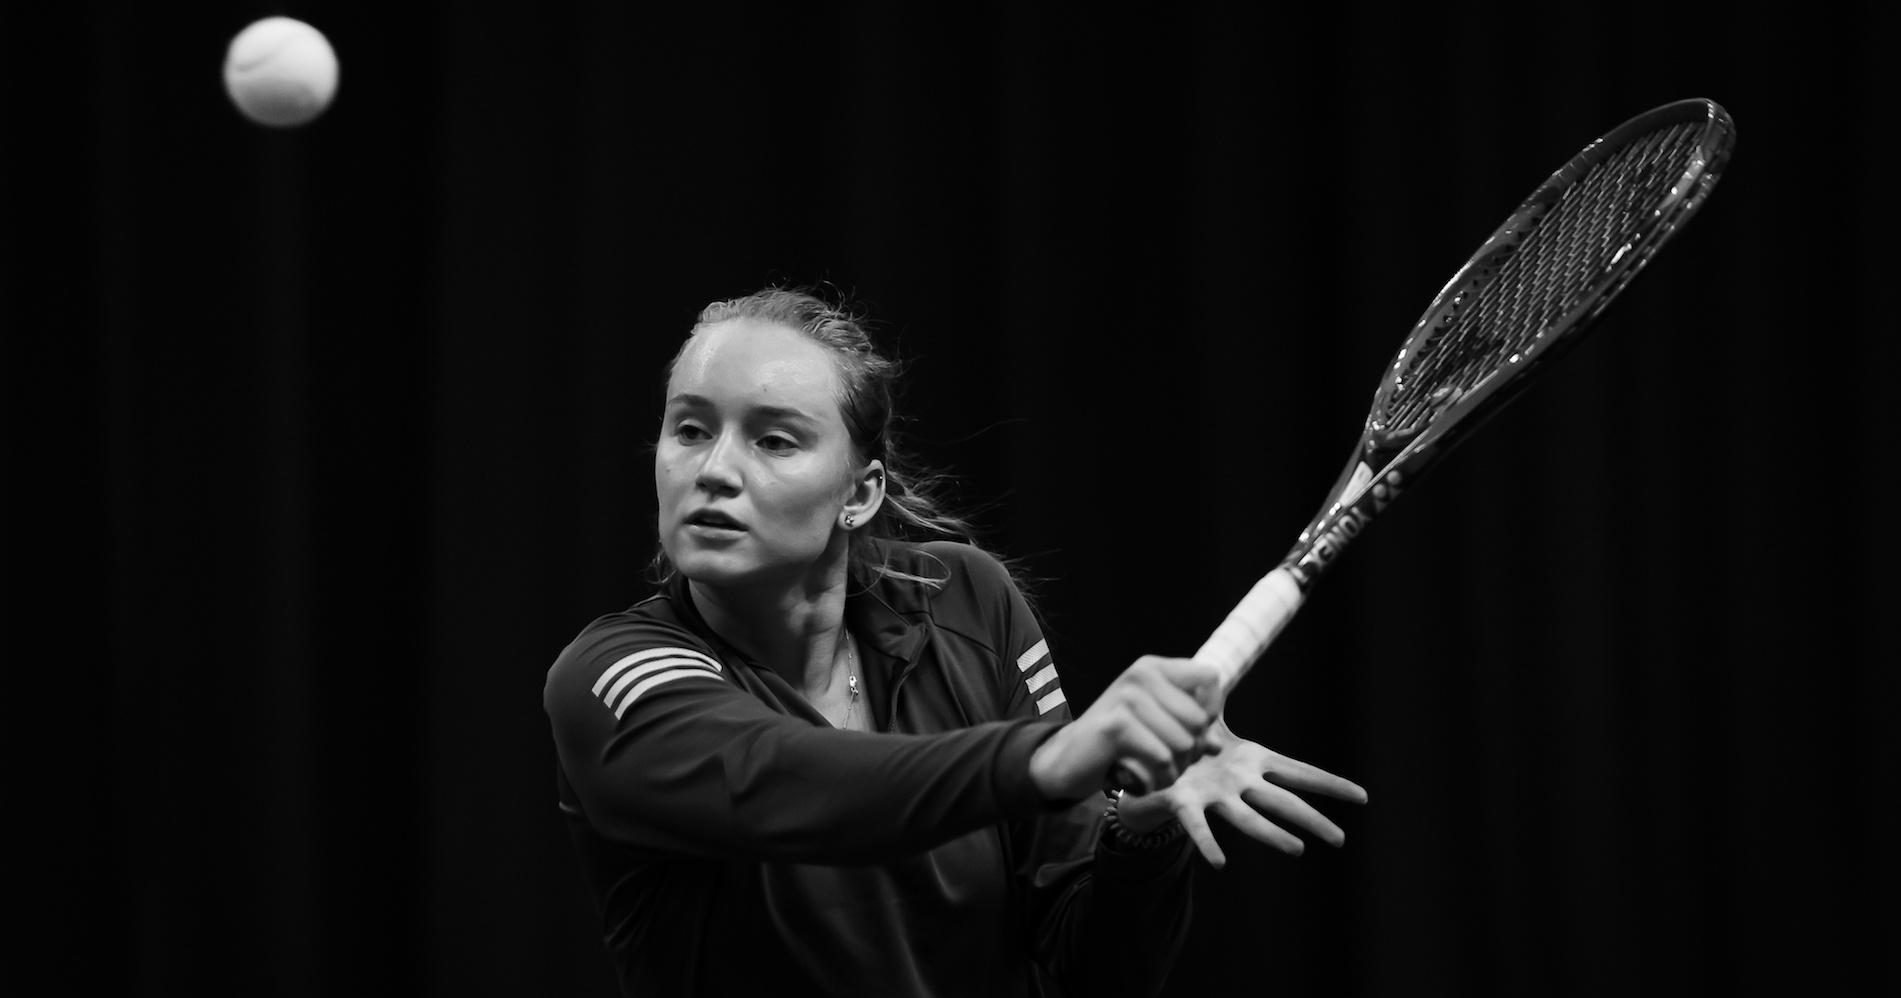 Elena Rybakina on the WTA Tour, 2020